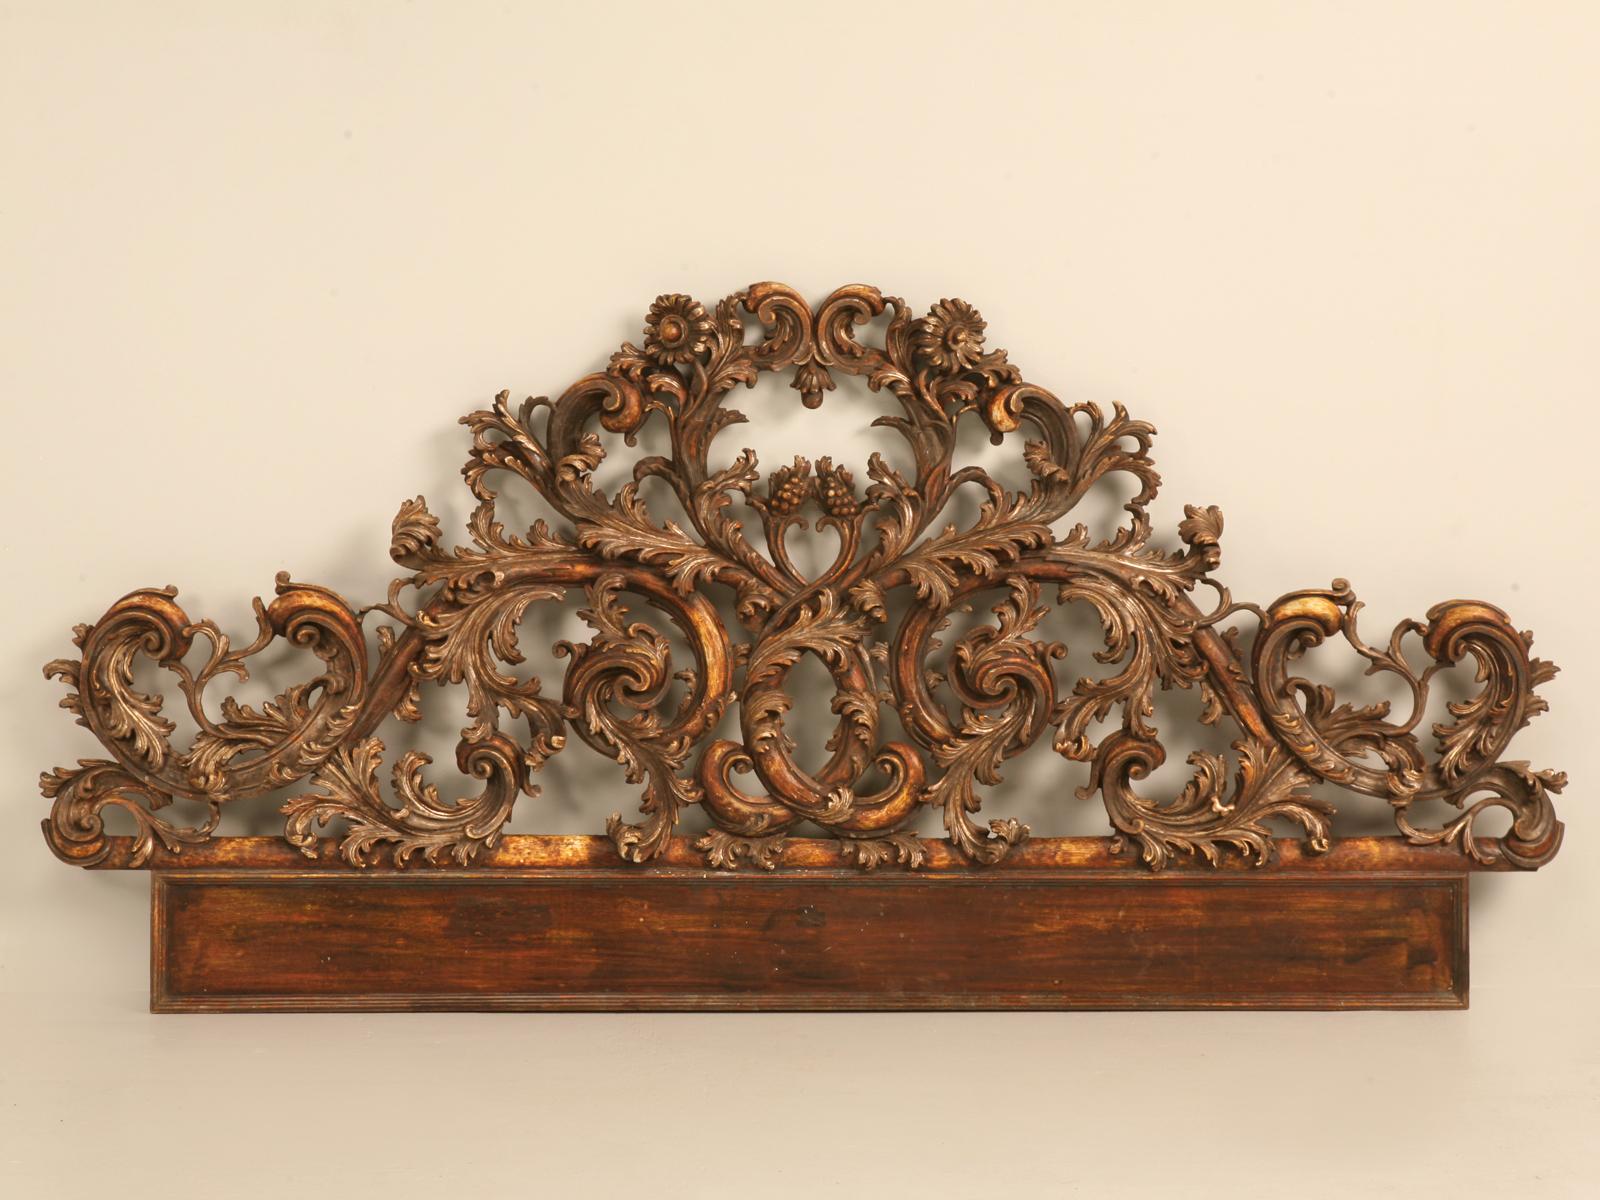 Asha prabhu hand crafted furniture furniture with carving bengaluru bangalore hyderabad kochi cochin trivandrum mumbai